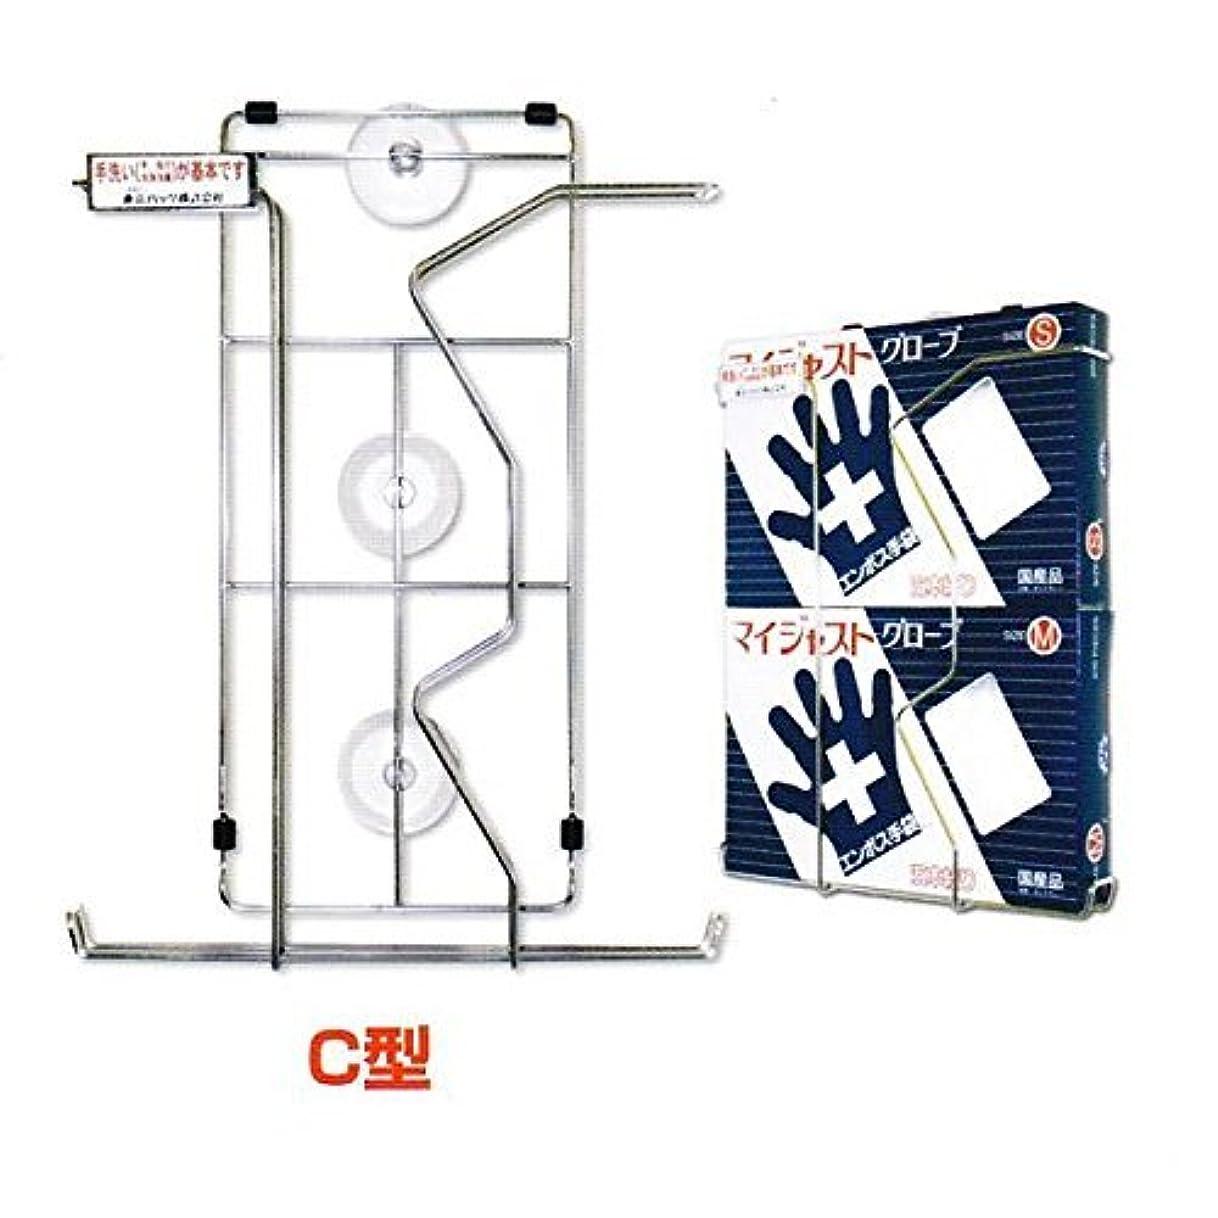 意気揚々収縮類推エンボス手袋化粧箱 専用ハンガーC型 東京パック